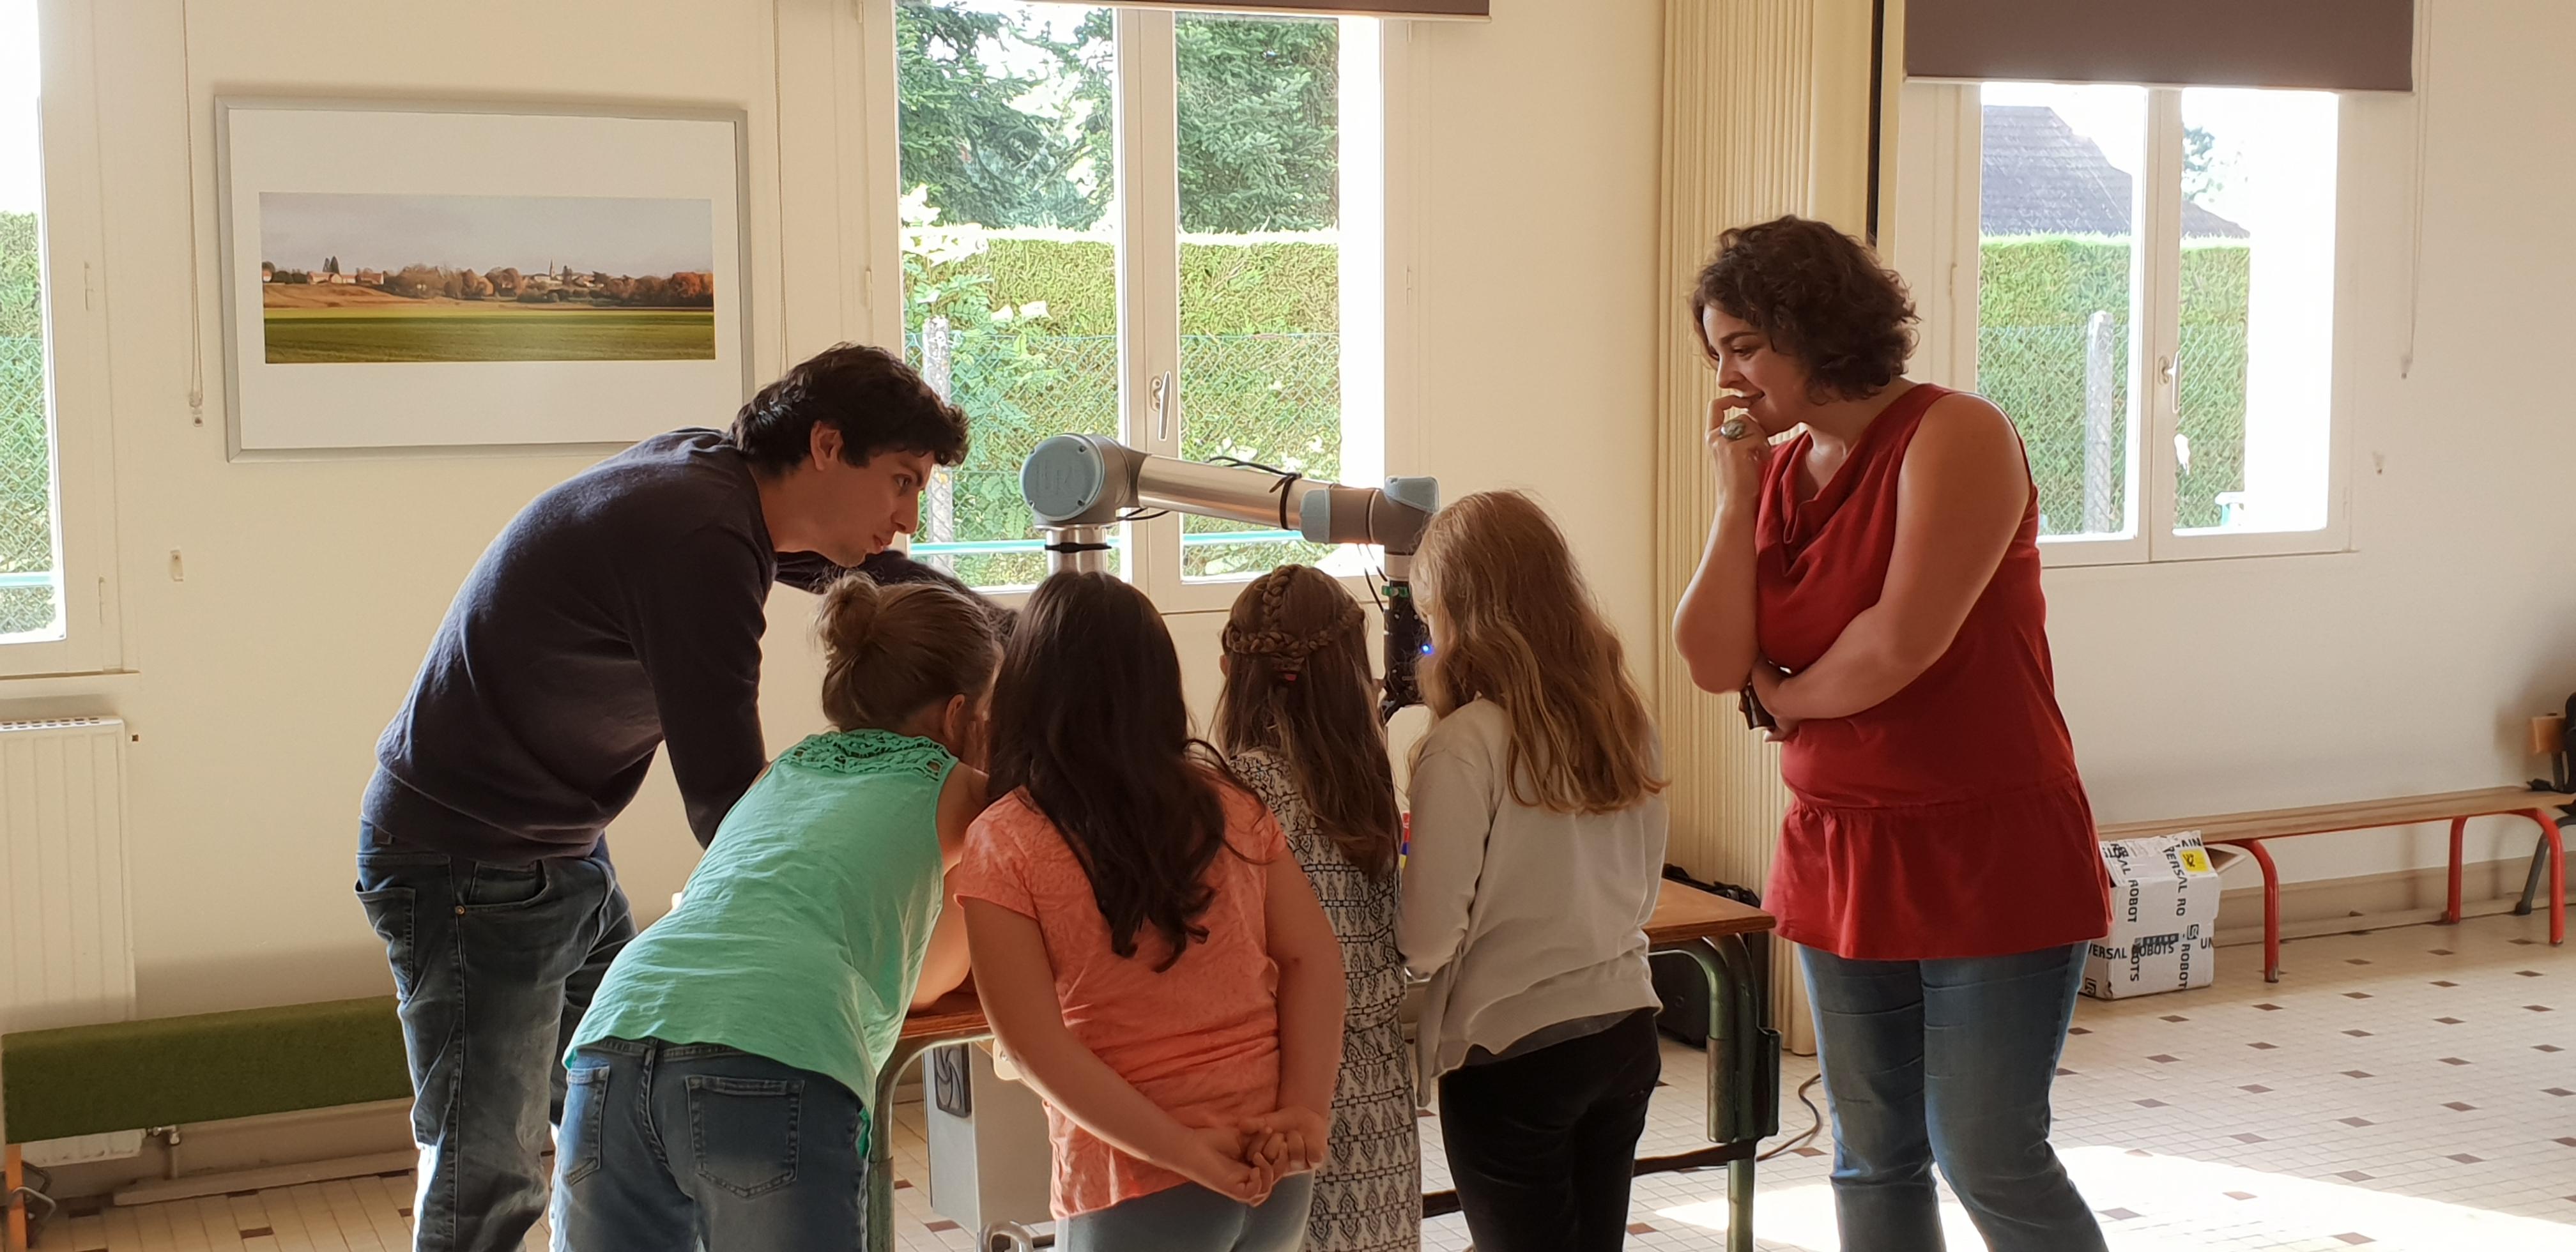 Journée découverte des robots dans une école primaire